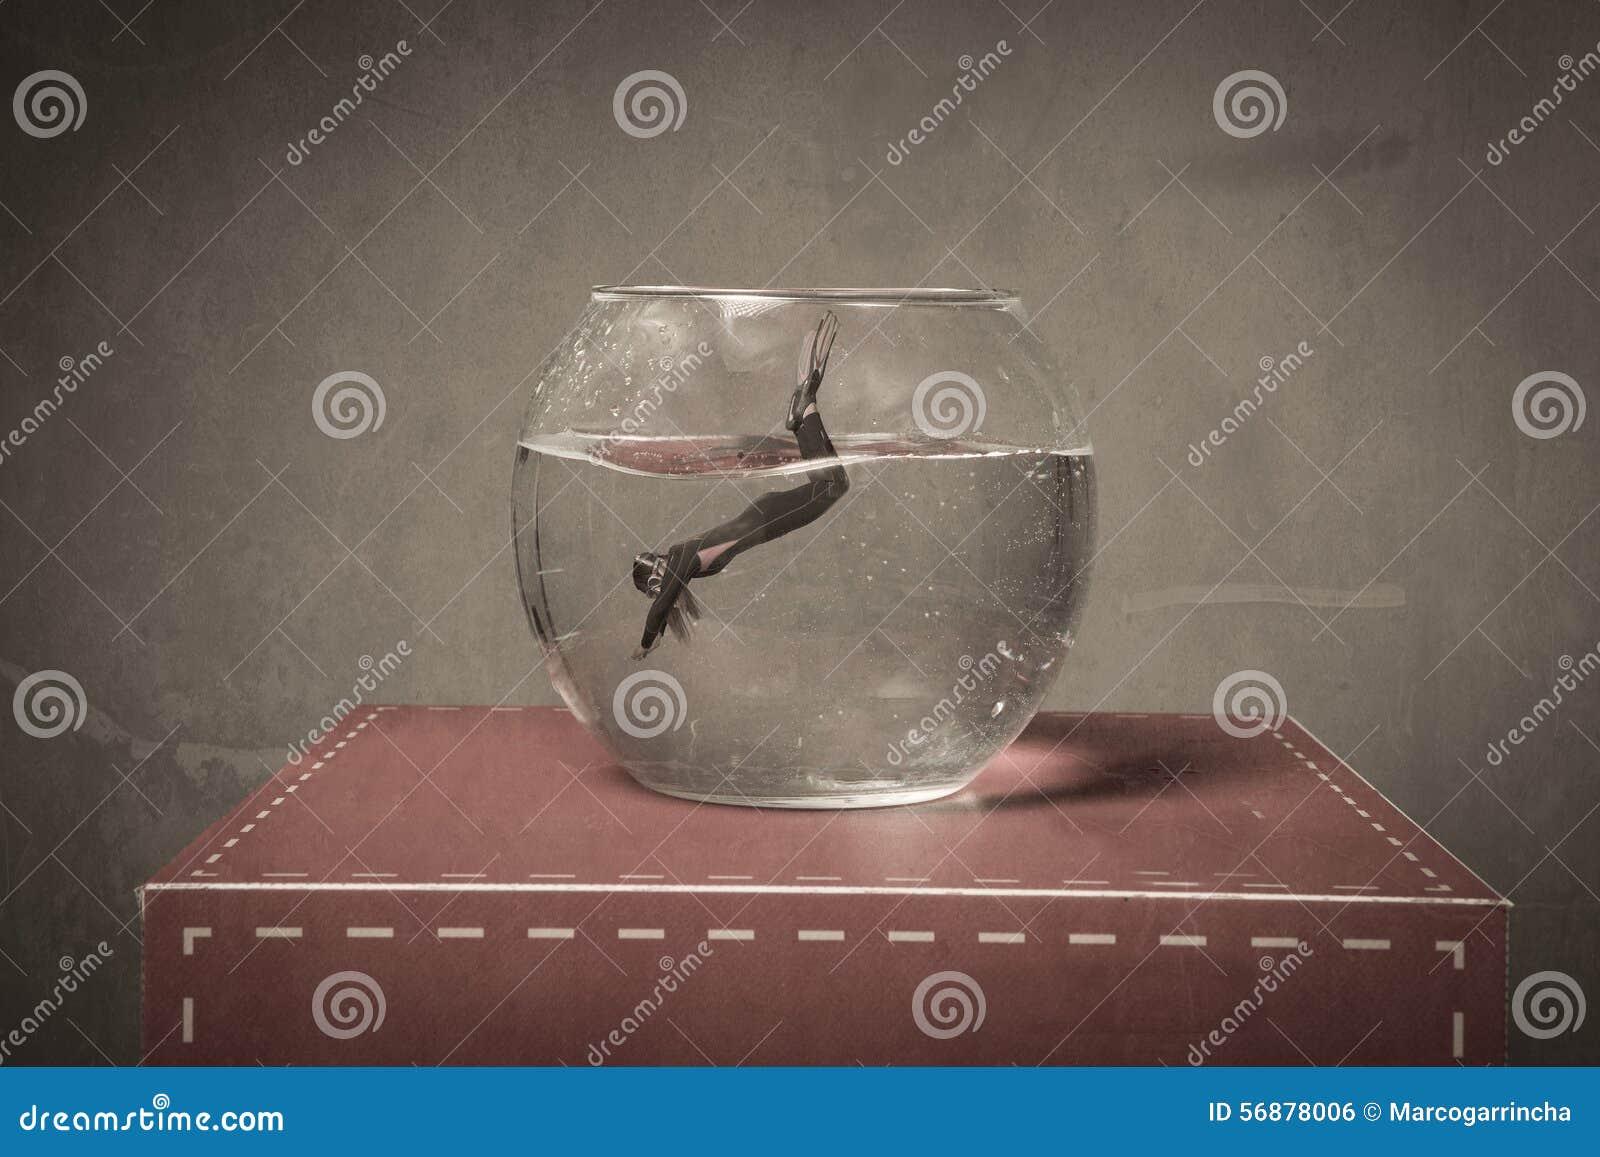 Immersion dans une cuvette de poissons